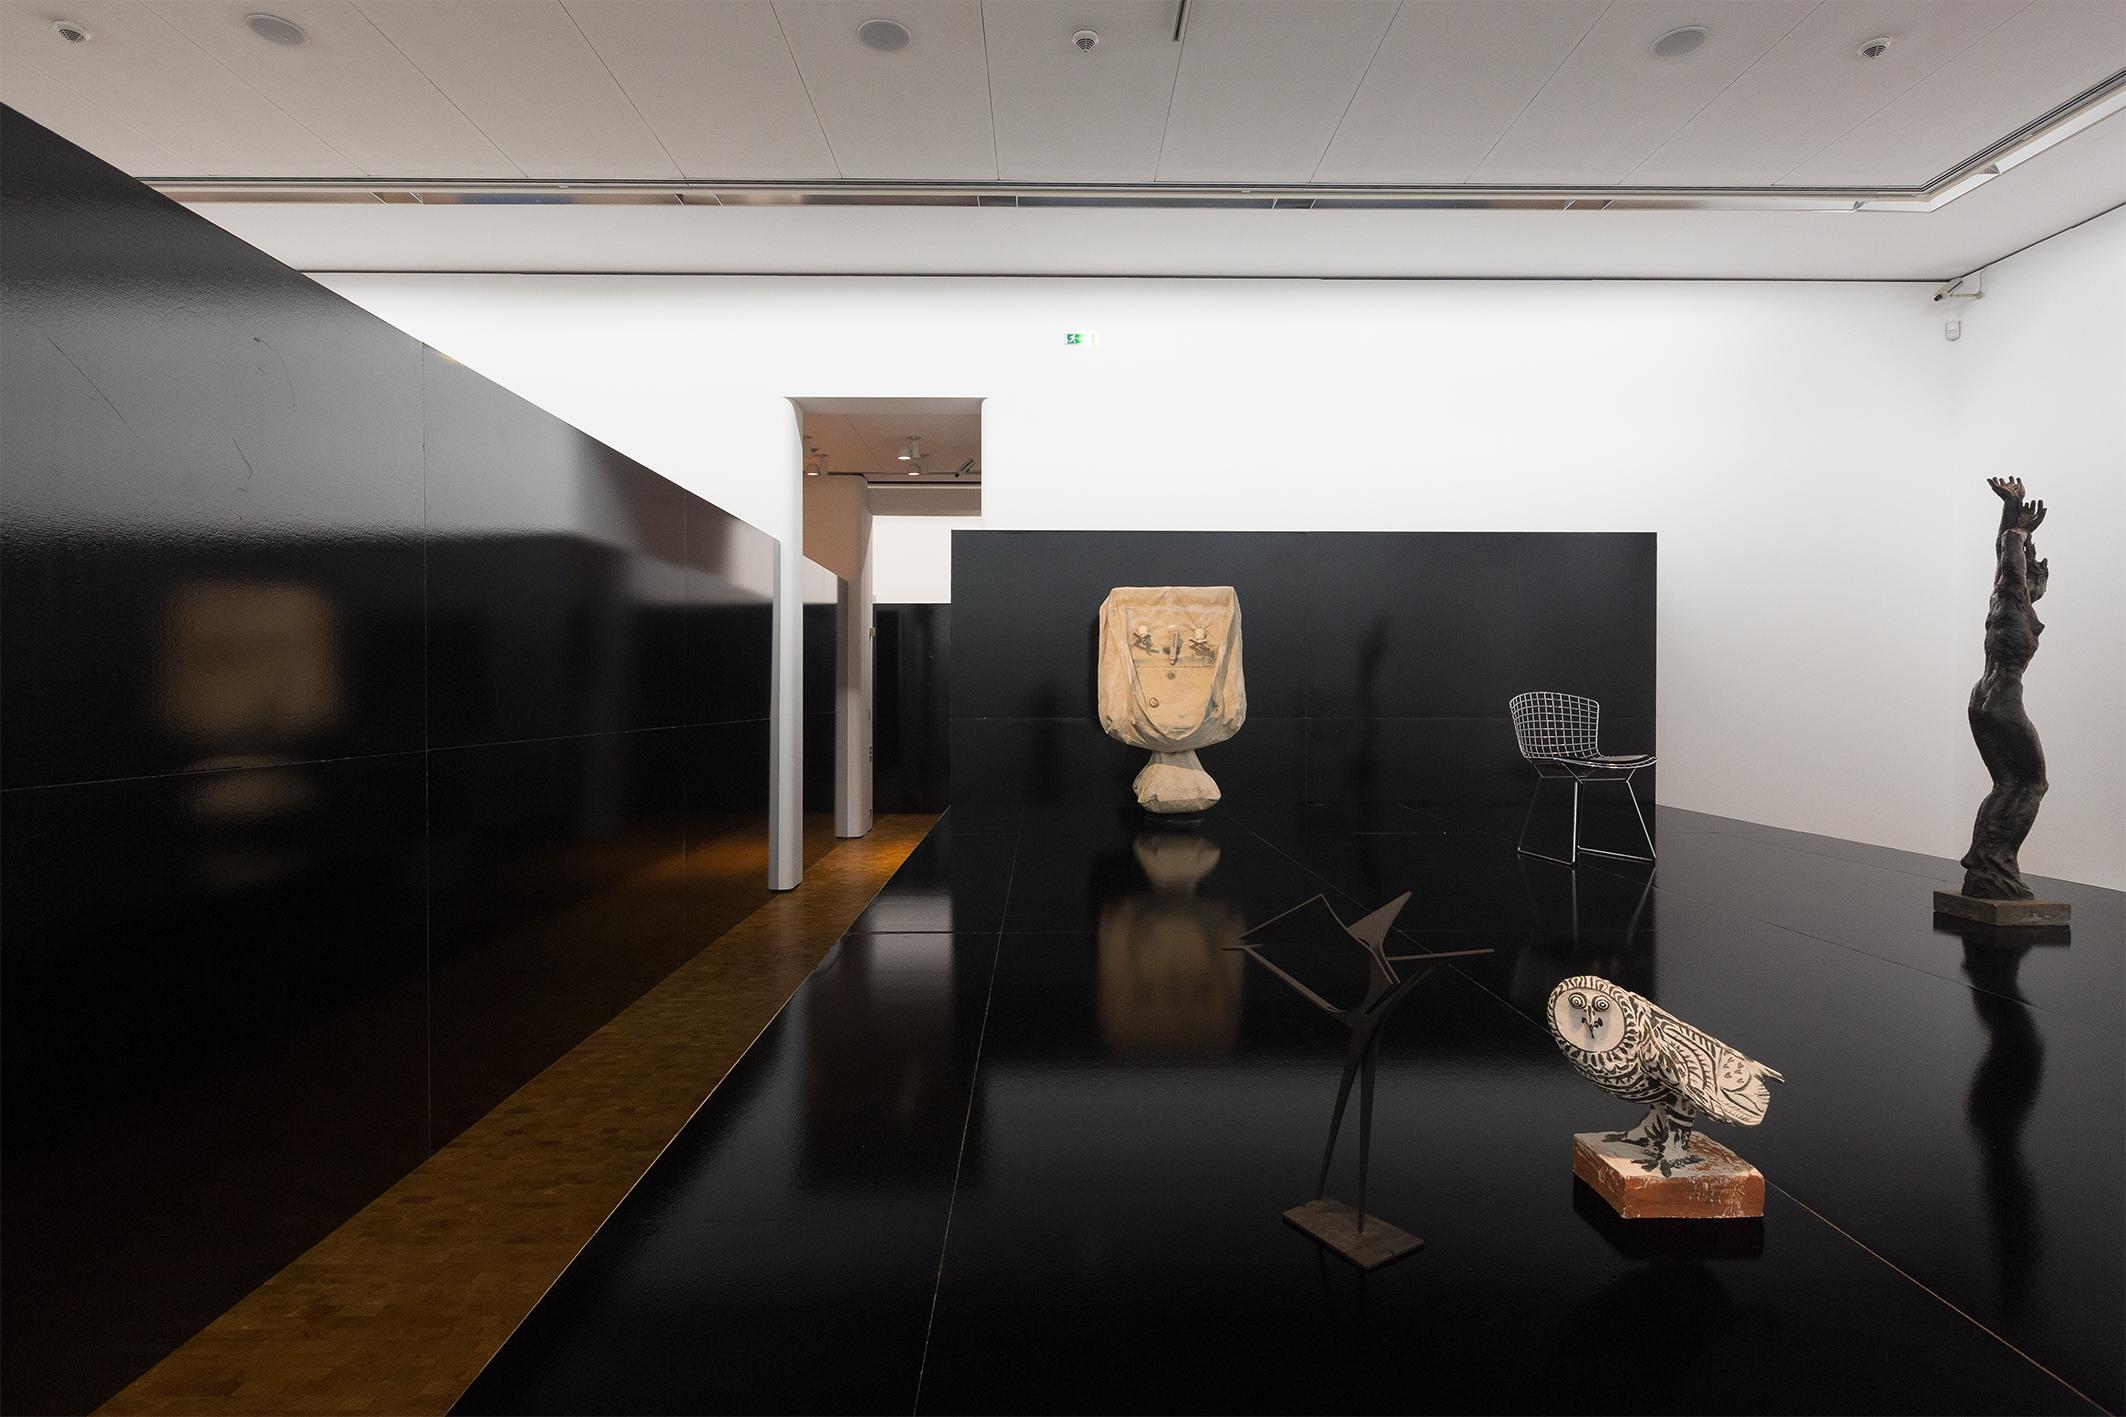 Installationsansicht HIER UND JETZT im Museum Ludwig. Heimo Zobernig. © VG Bild-Kunst, Bonn 2016/Foto: Rheinisches Bildarchiv Köln/Marion Mennicken